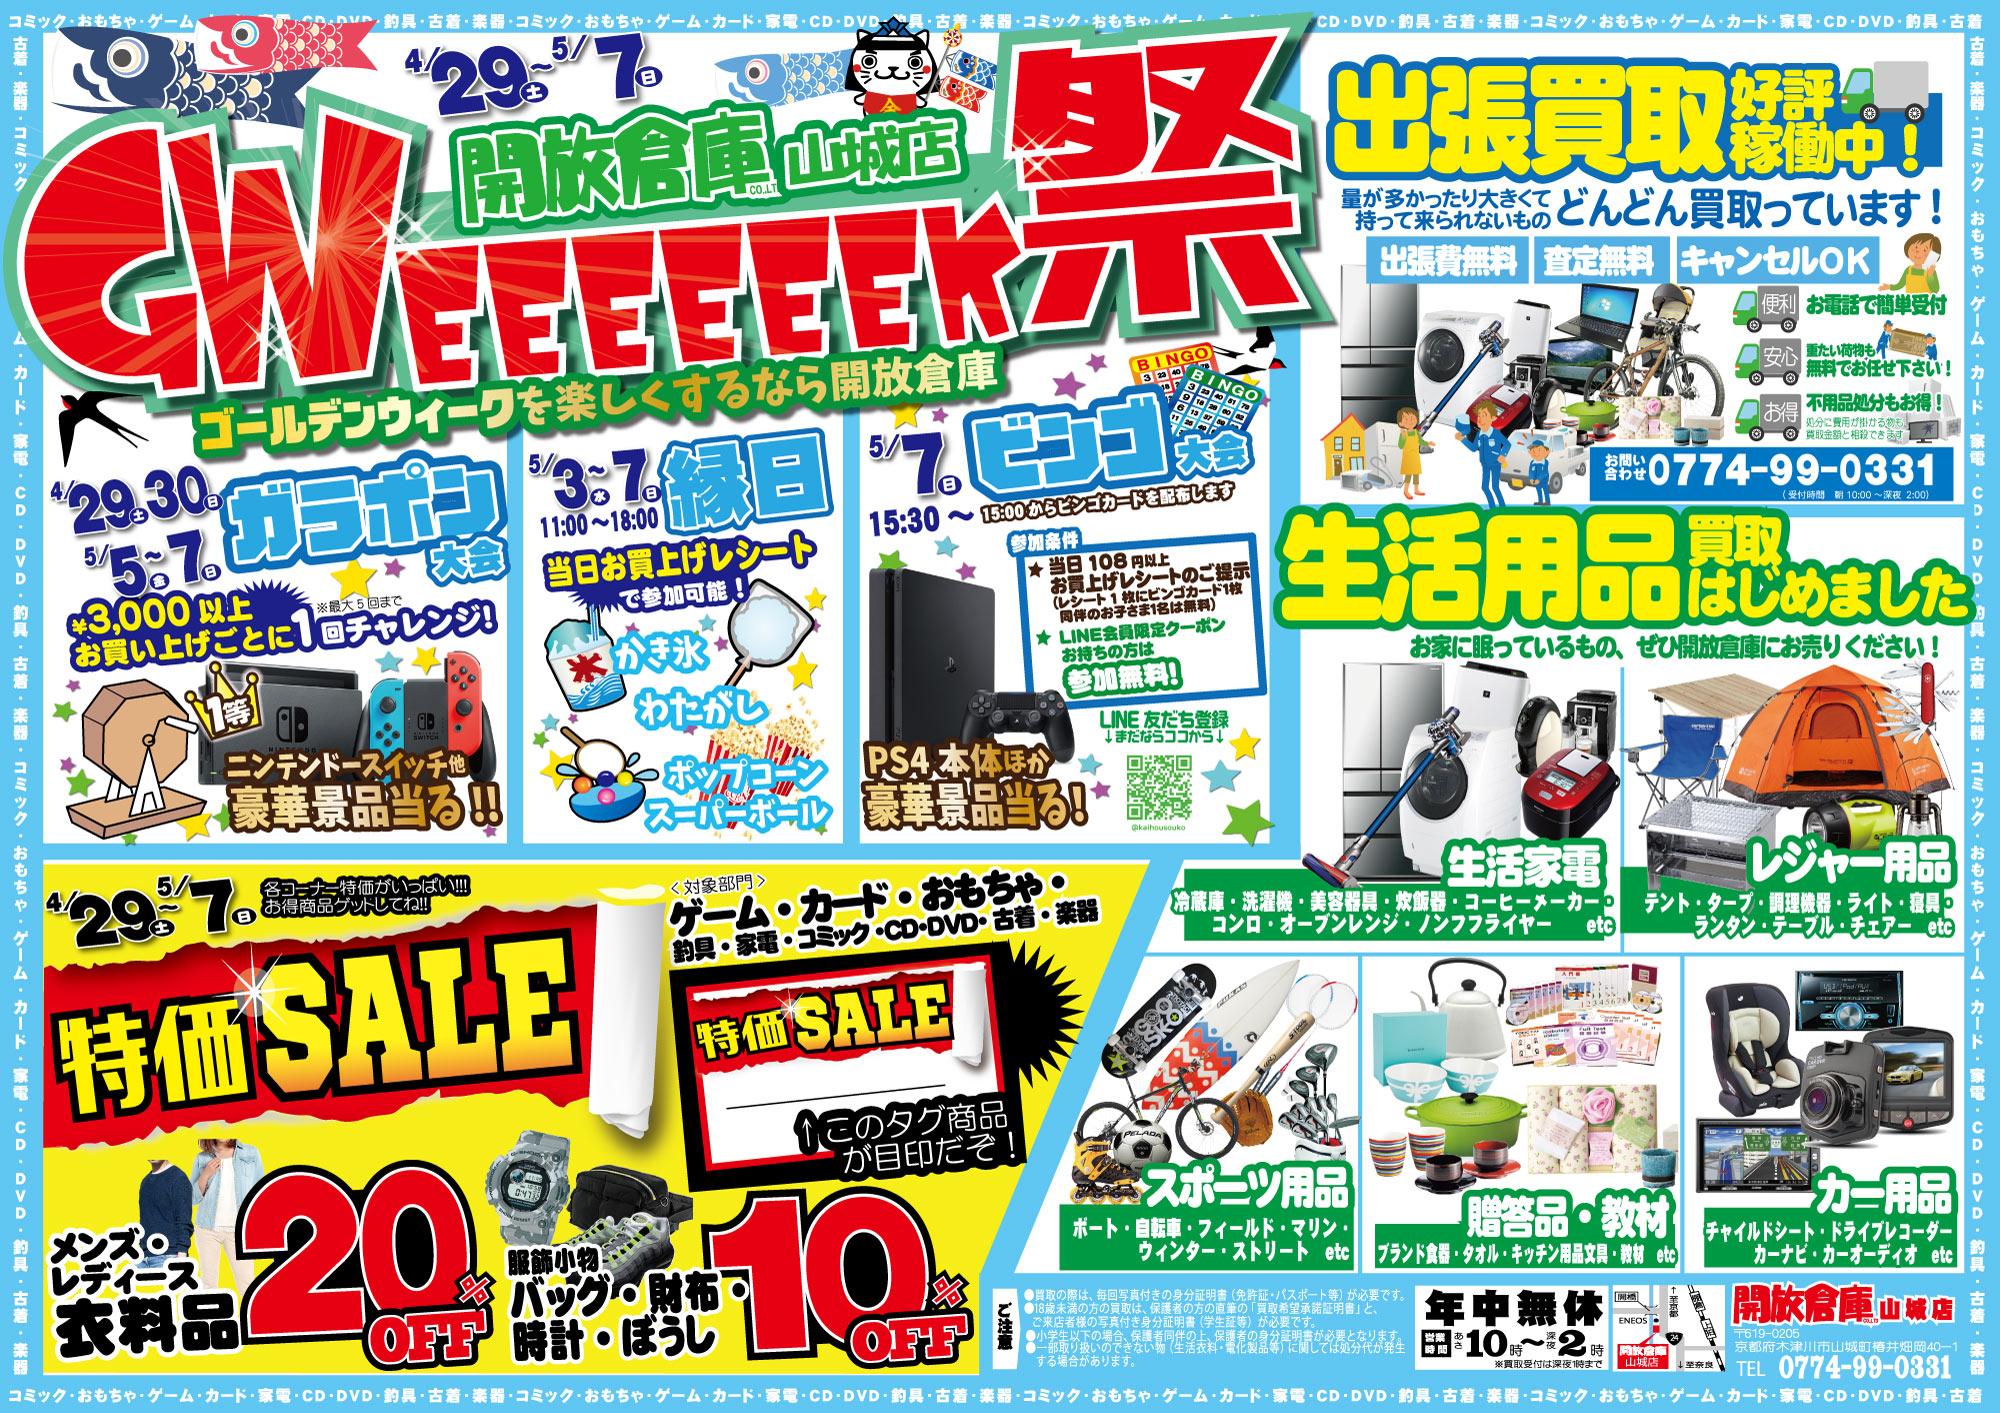 「開放倉庫山城店」2017年GWeeeeeek祭!地域No1を目指して高価買取します!!なんでも買います!どんどんお売り下さい!